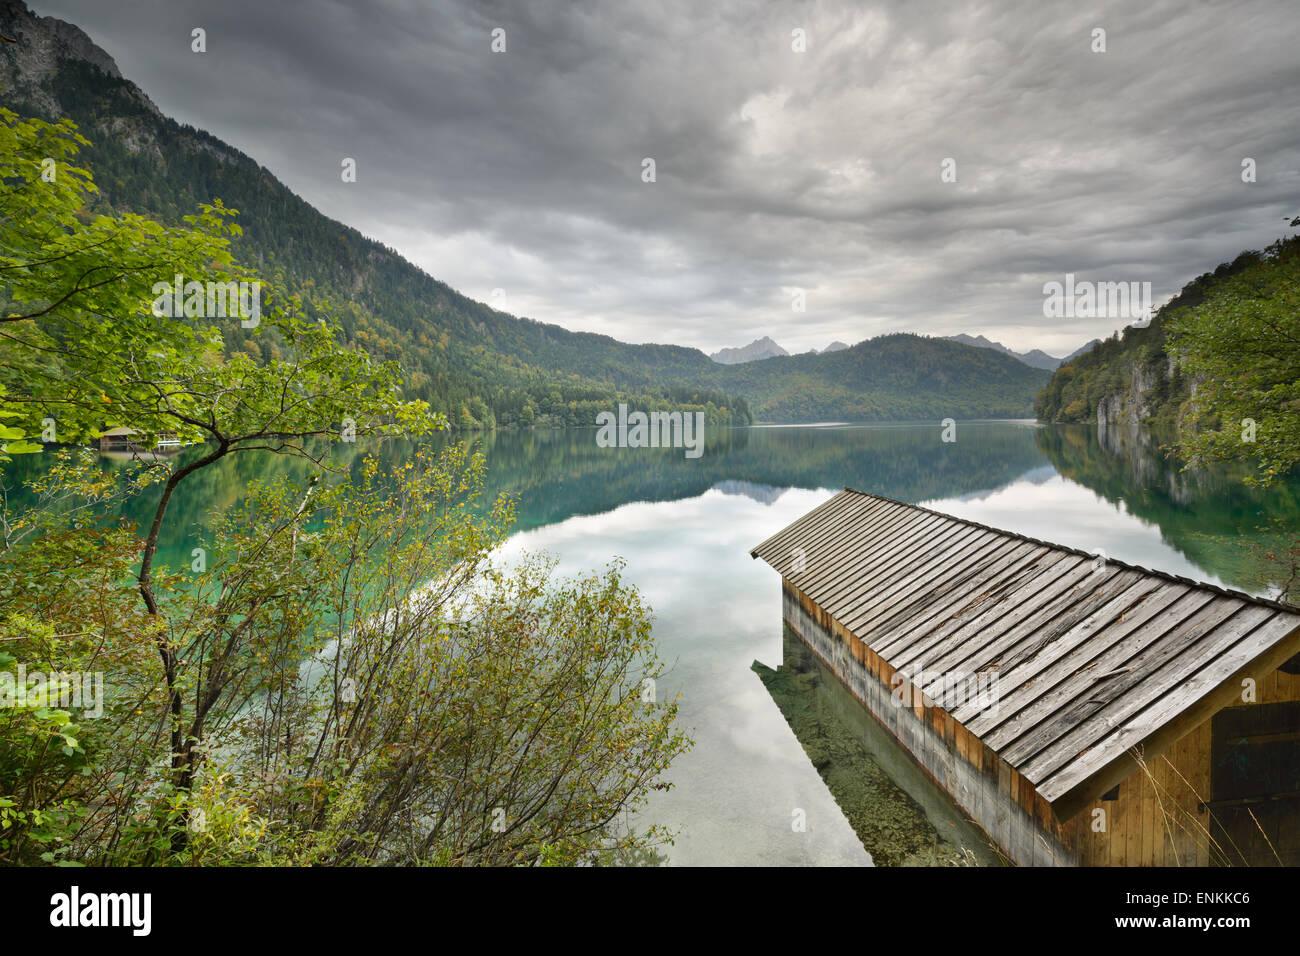 Lac Alpsee dans les Alpes bavaroises de l'Allemagne. Photo Stock